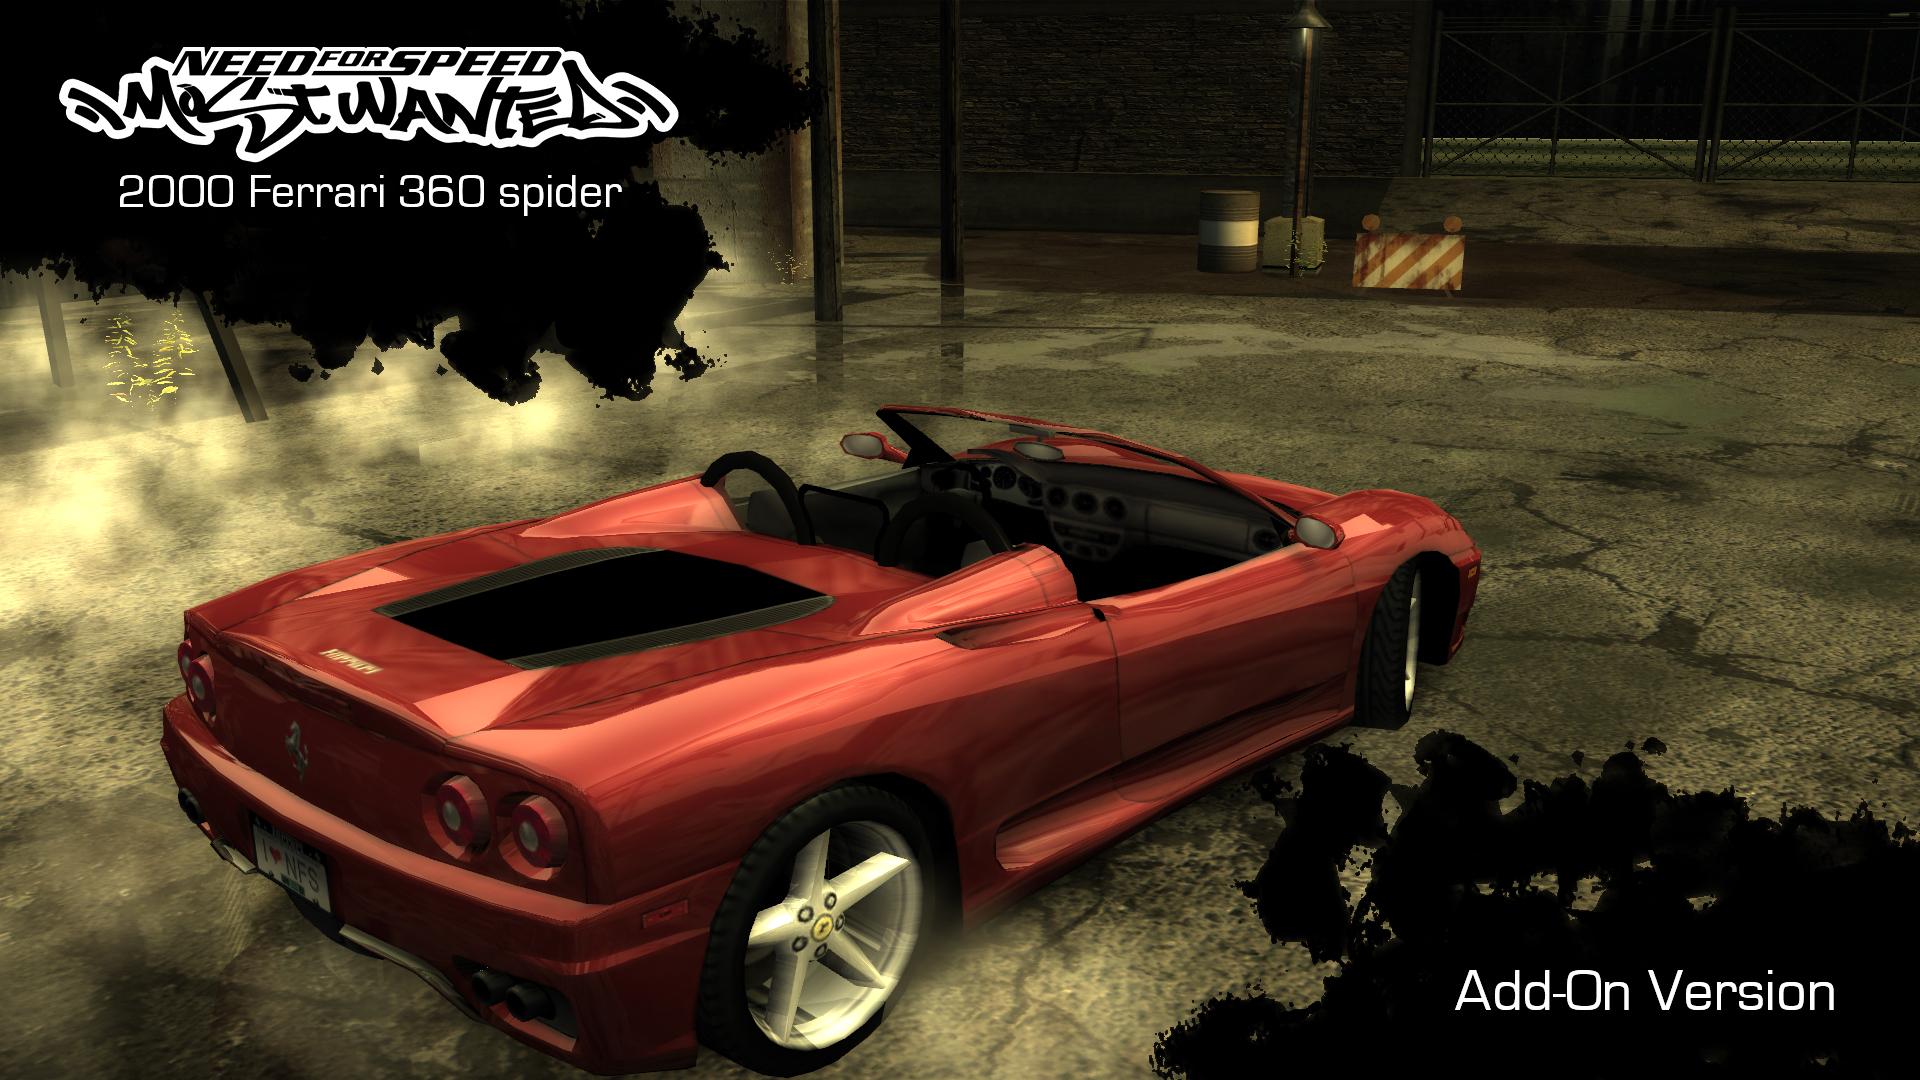 Nfsmods 2000 Ferrari 360 Spider Add On